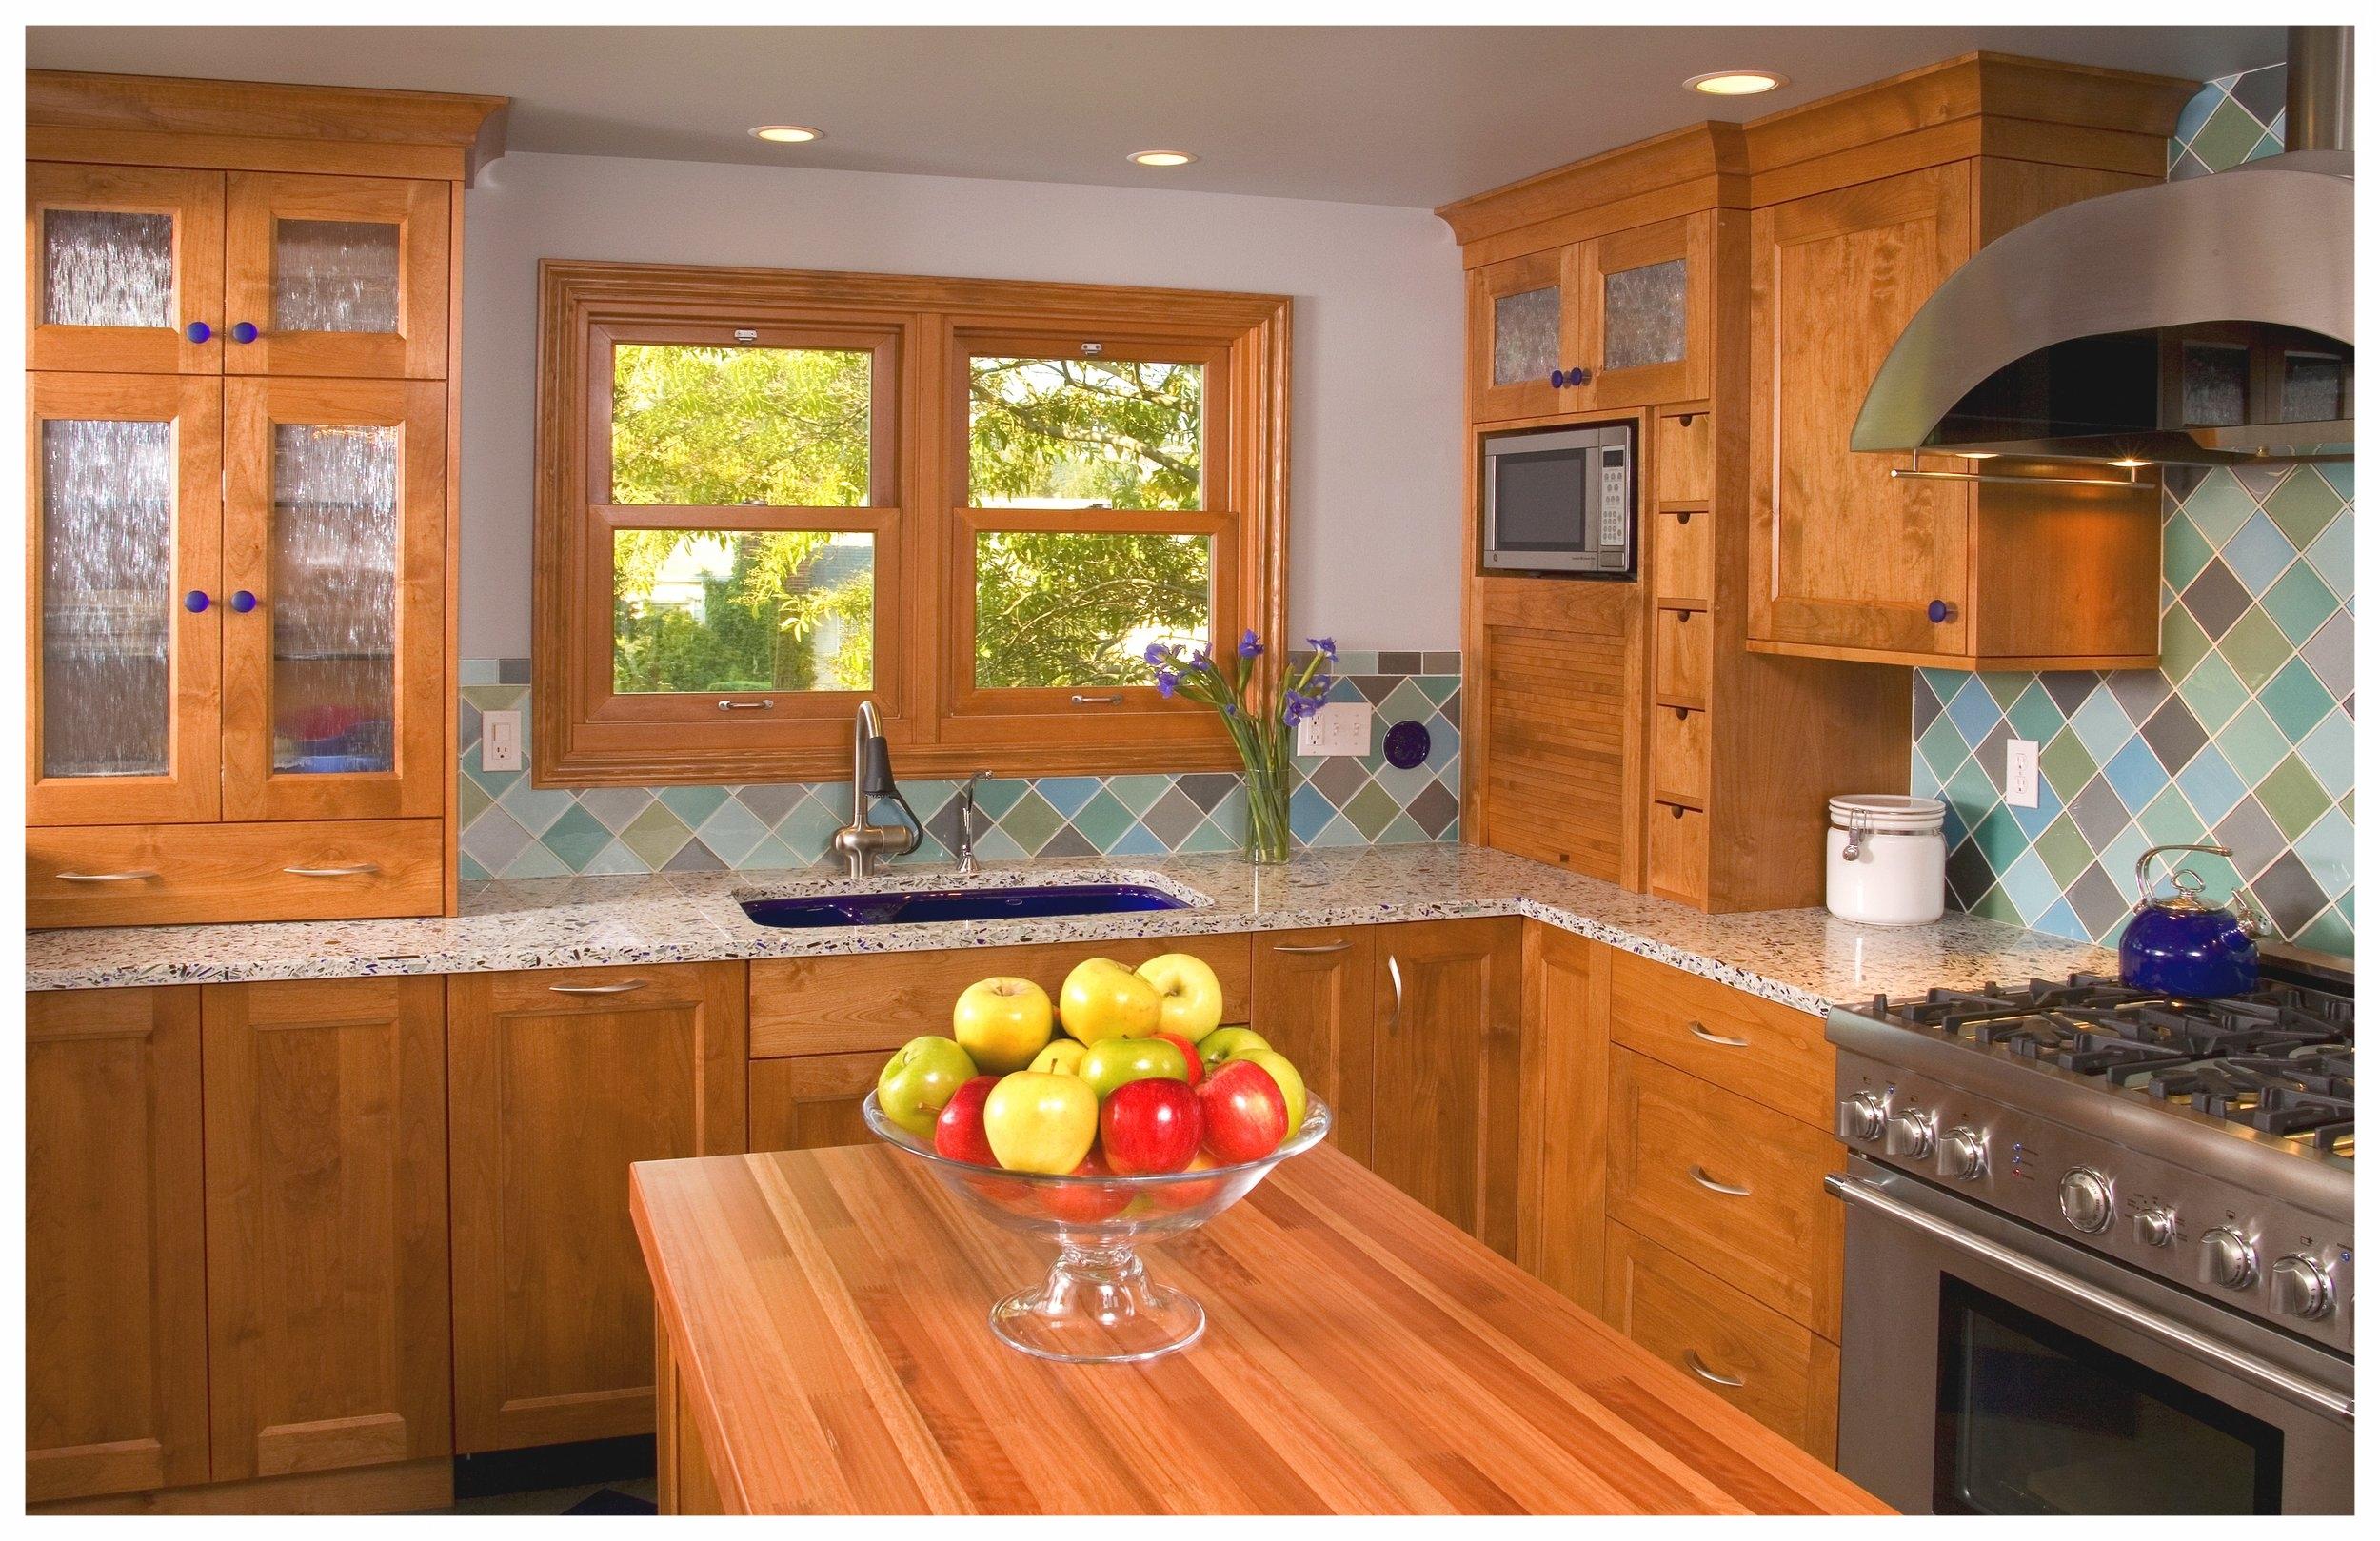 Seattle Sand Point Cottage Kitchen 2.jpg